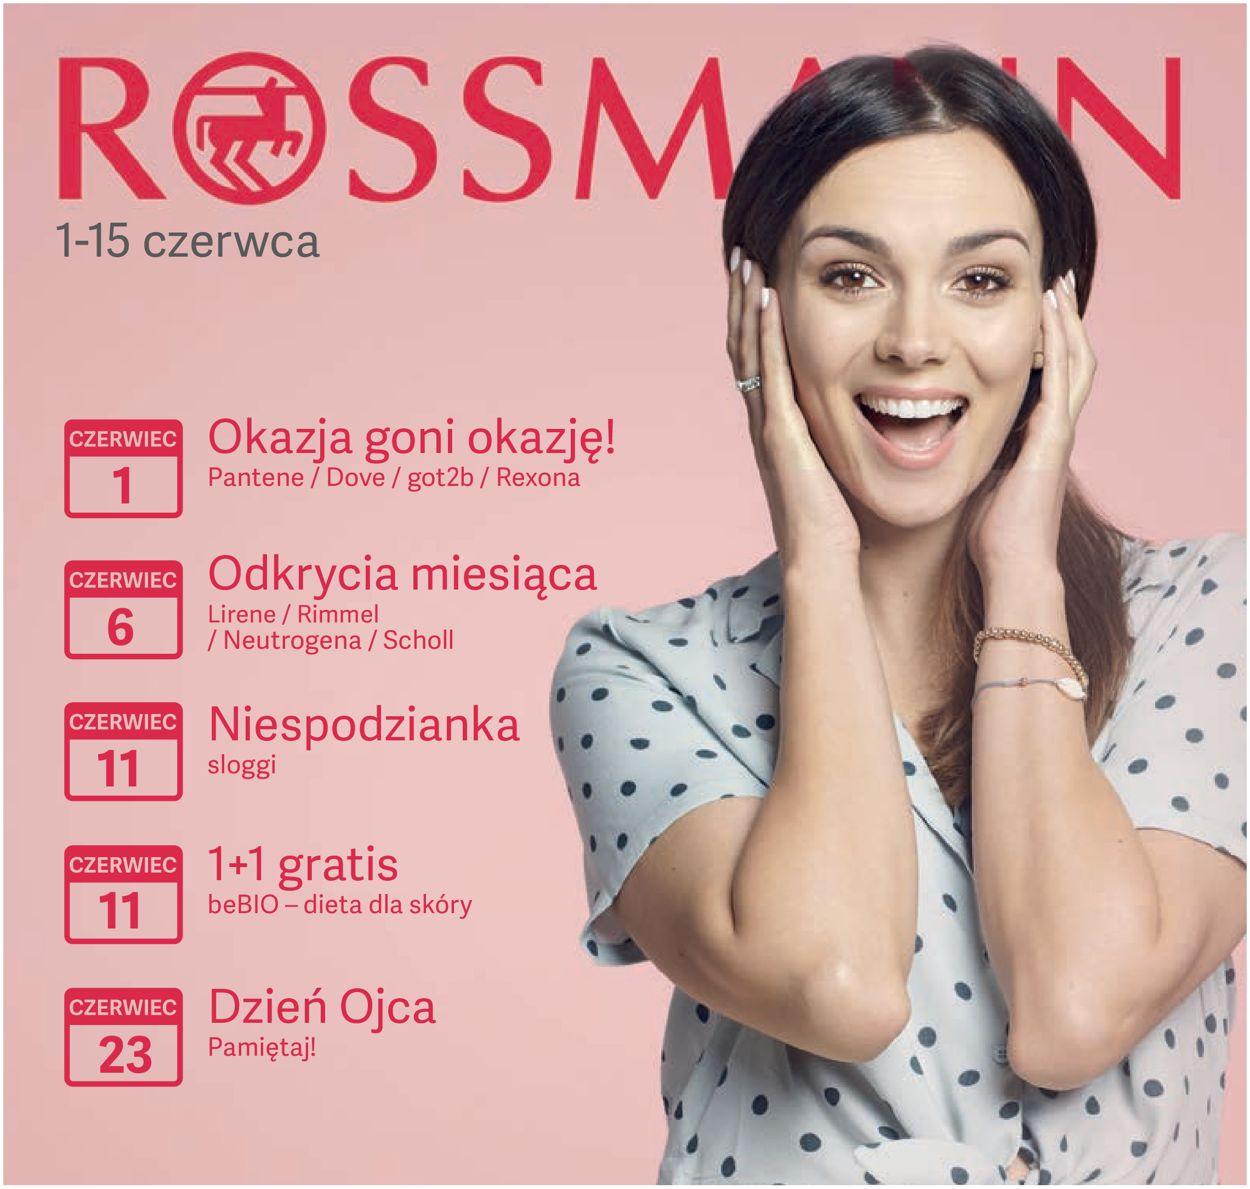 Gazetka promocyjna Rossmann - 01.06-15.06.2019